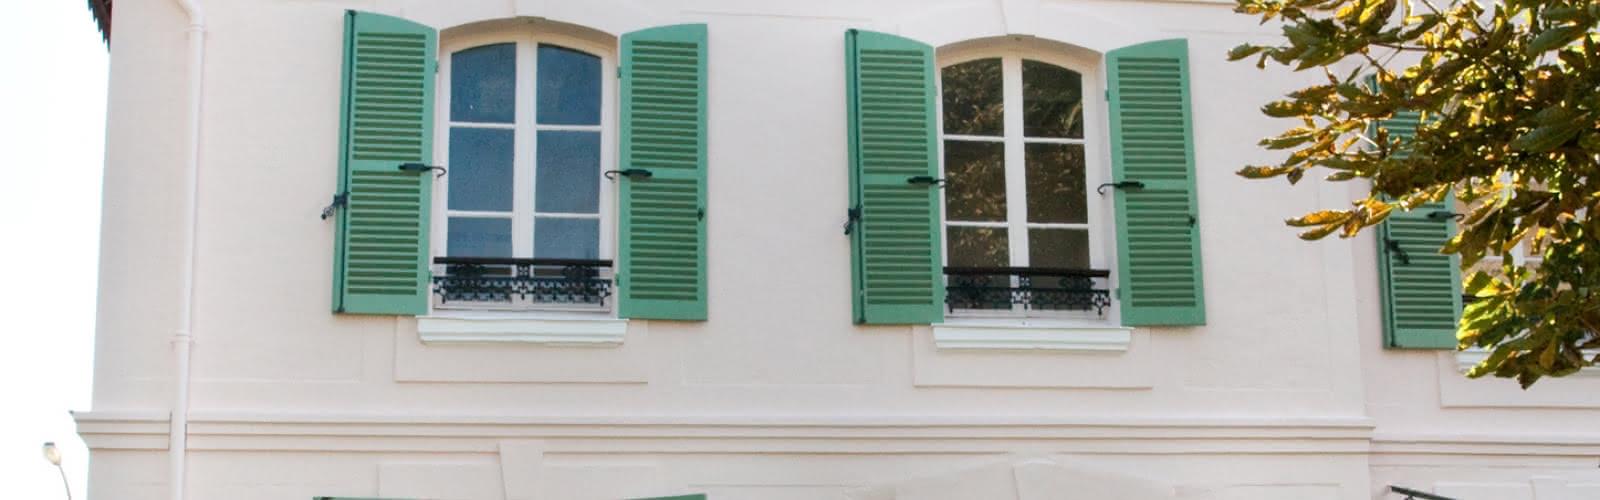 Maison Monet - Ville d'Argenteuil